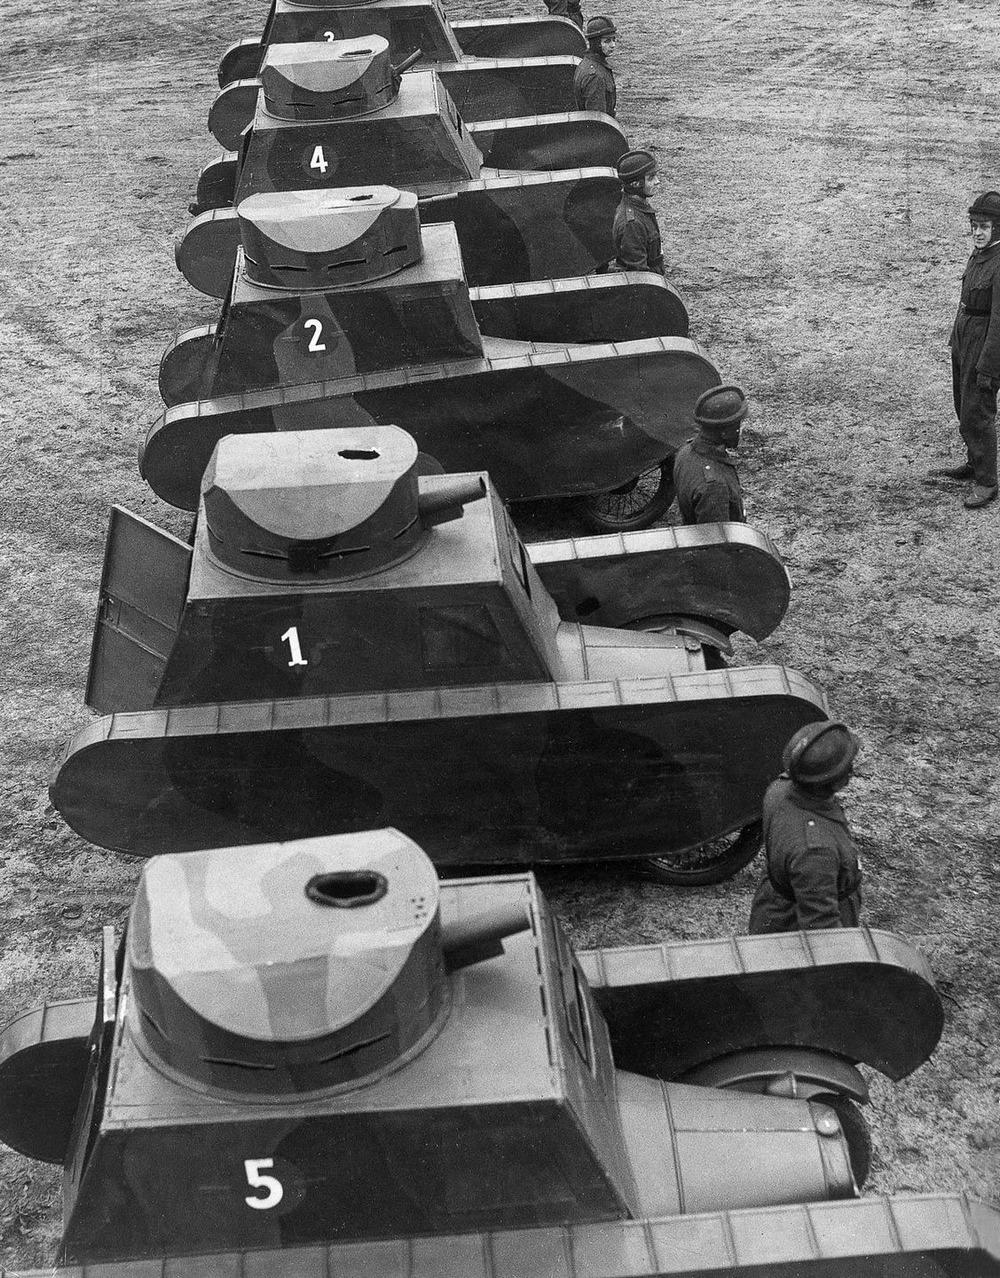 Резиновые танки: как хитрили на войне с не очень тяжёлой техникой. Фотографии 1918-1954 годов 8